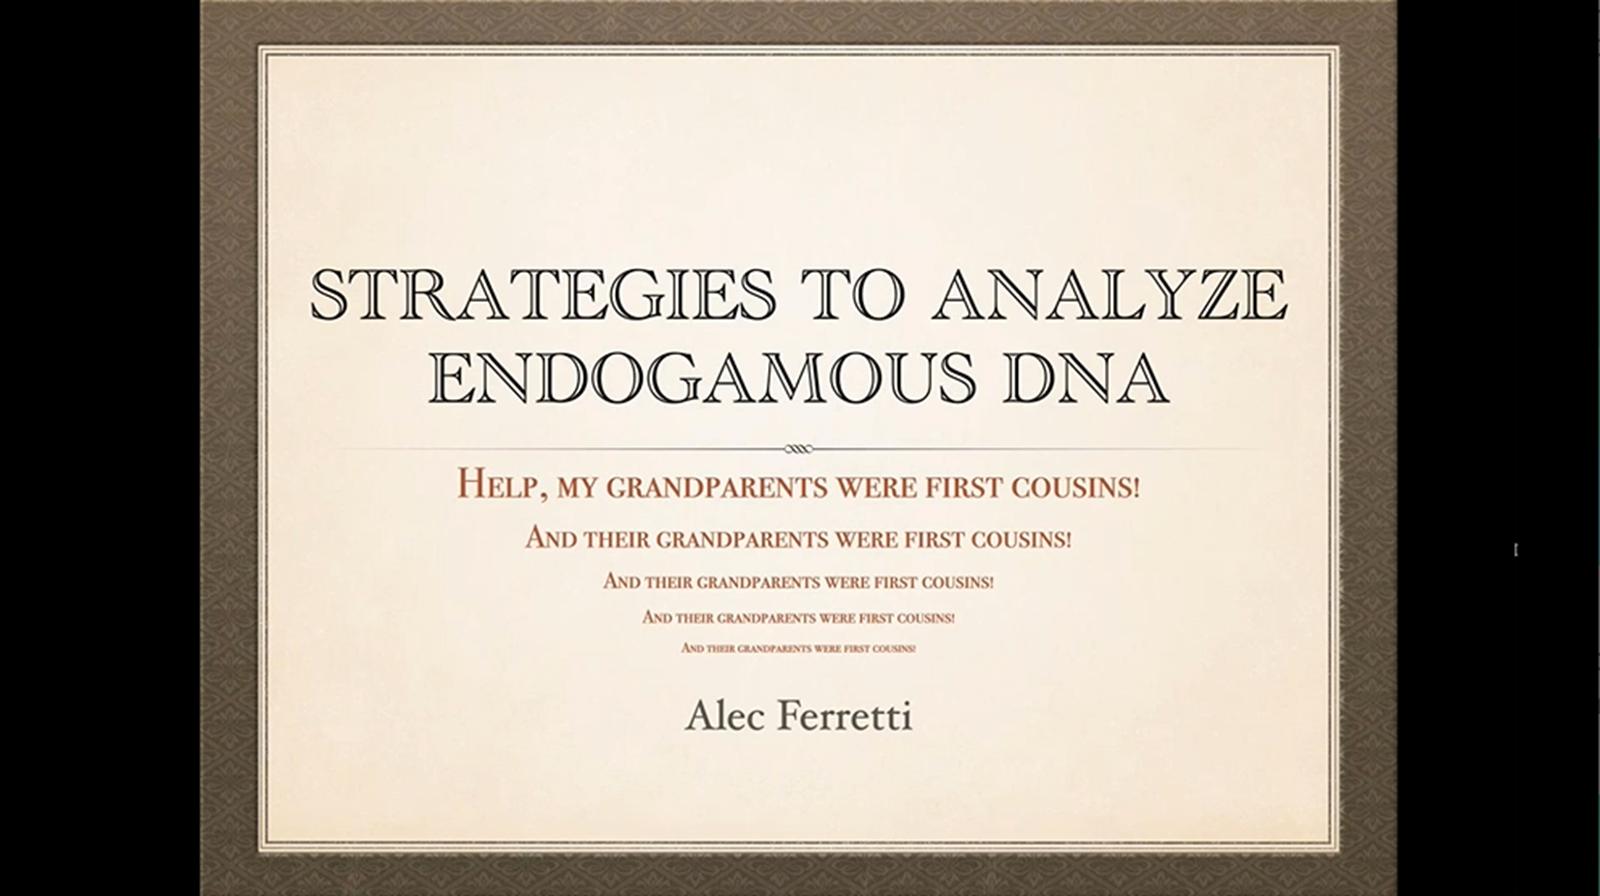 Strategies to Analyze Endogamous DNA